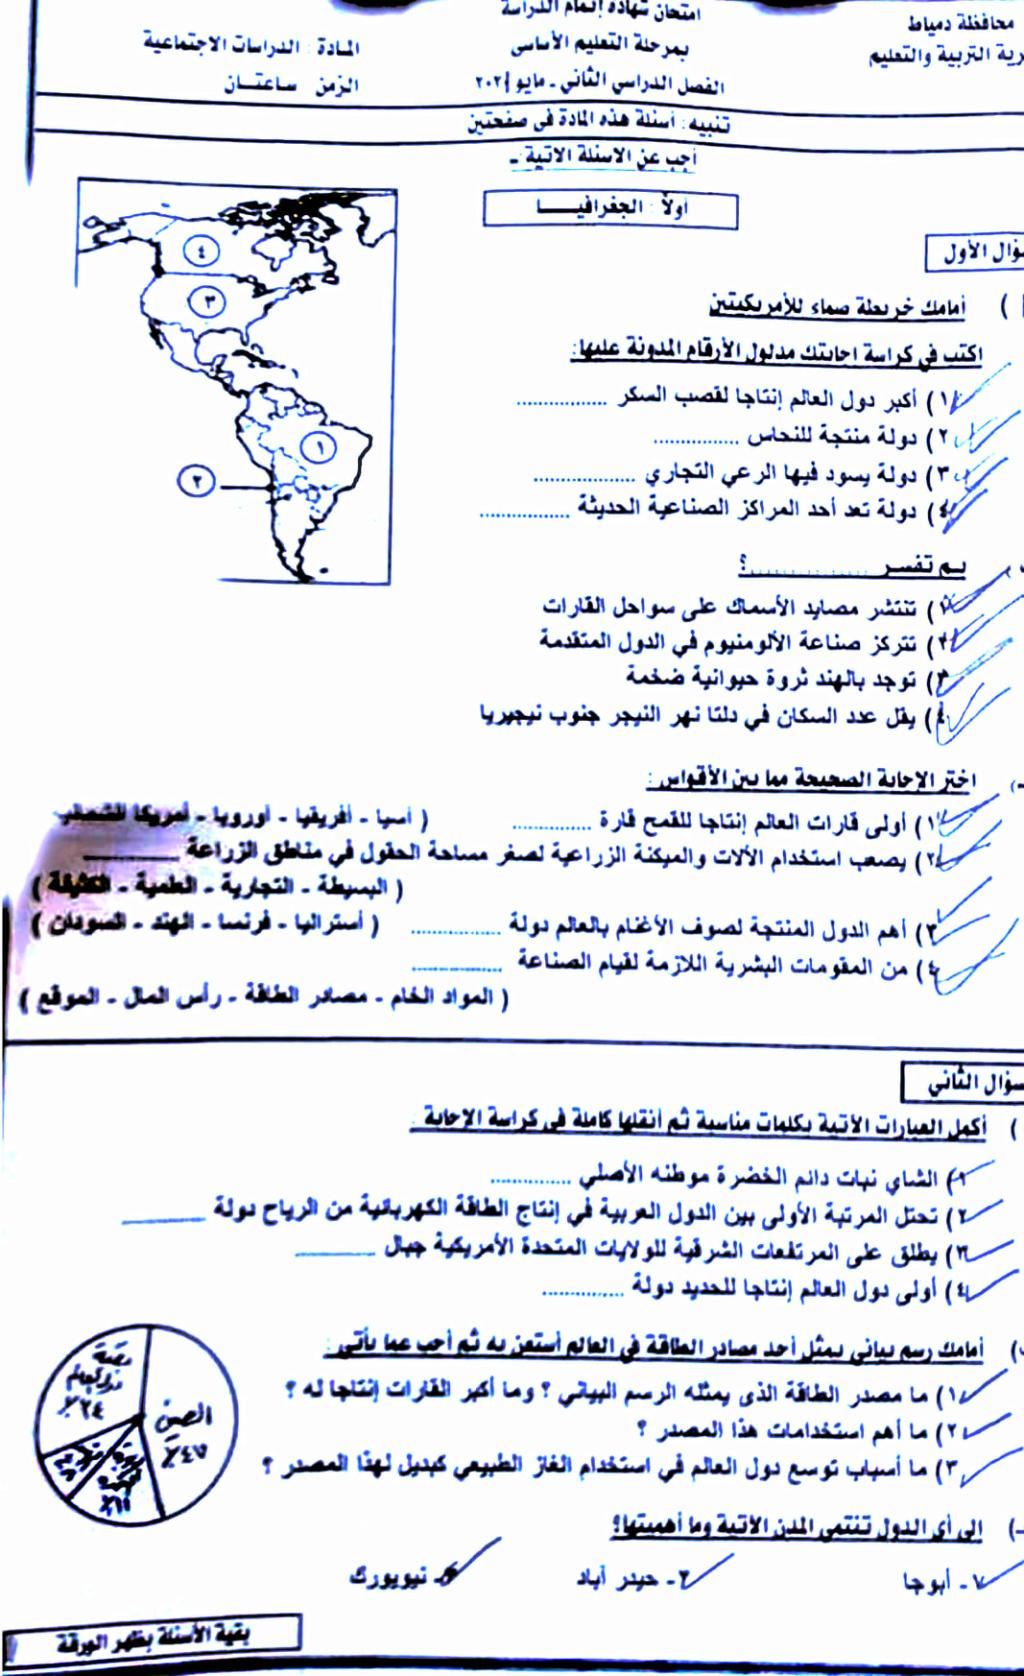 إجابة امتحان الدراسات للشهادة الإعدادية ترم ثاني ٢٠٢١ محافظة دمياط 13650